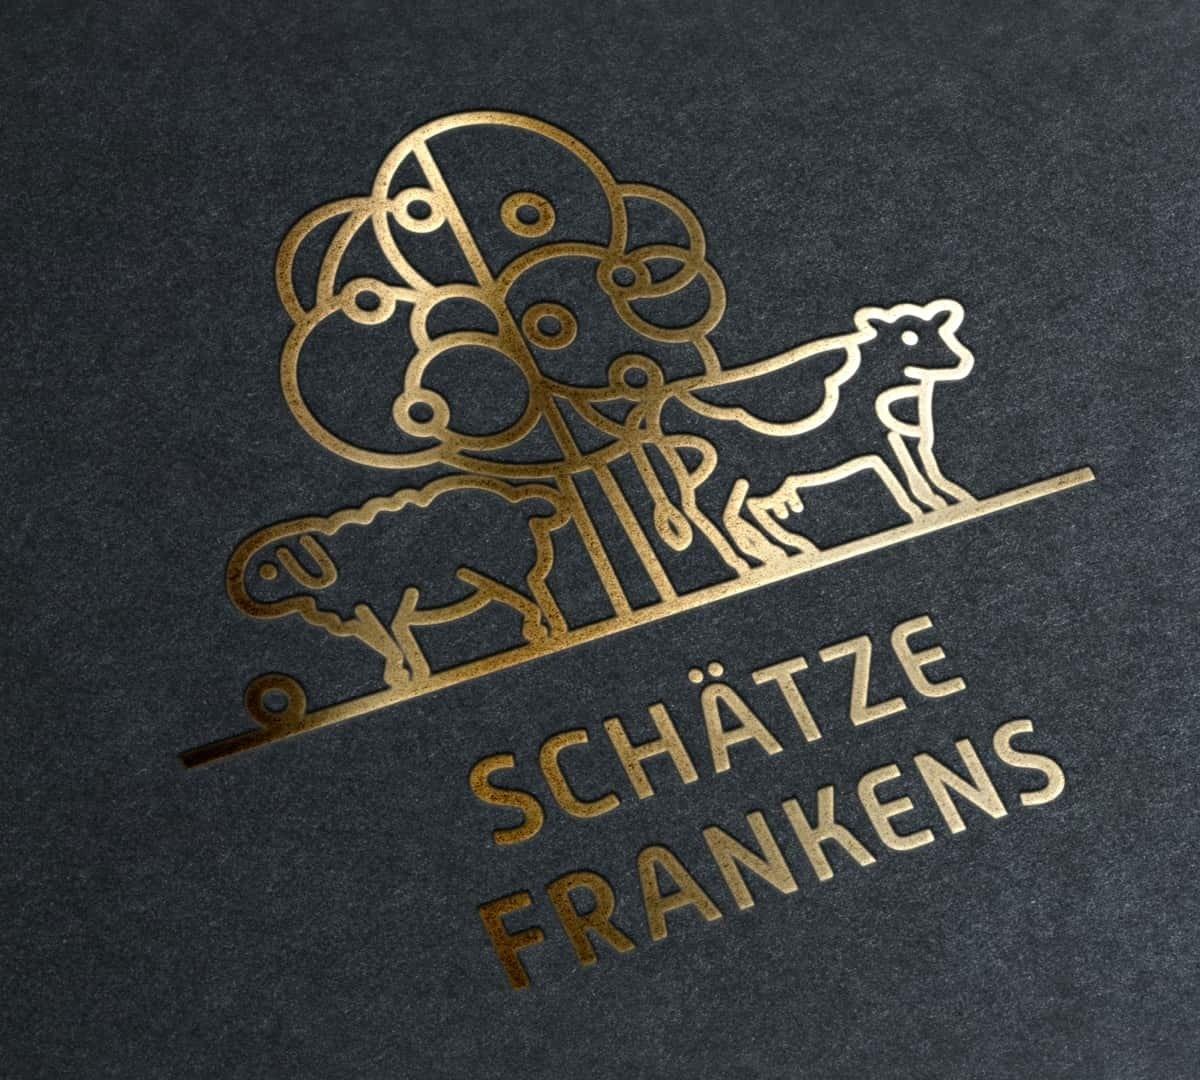 Das Logo als Kernelement des Corporate-Designs mit hochwertiger Goldprägung.